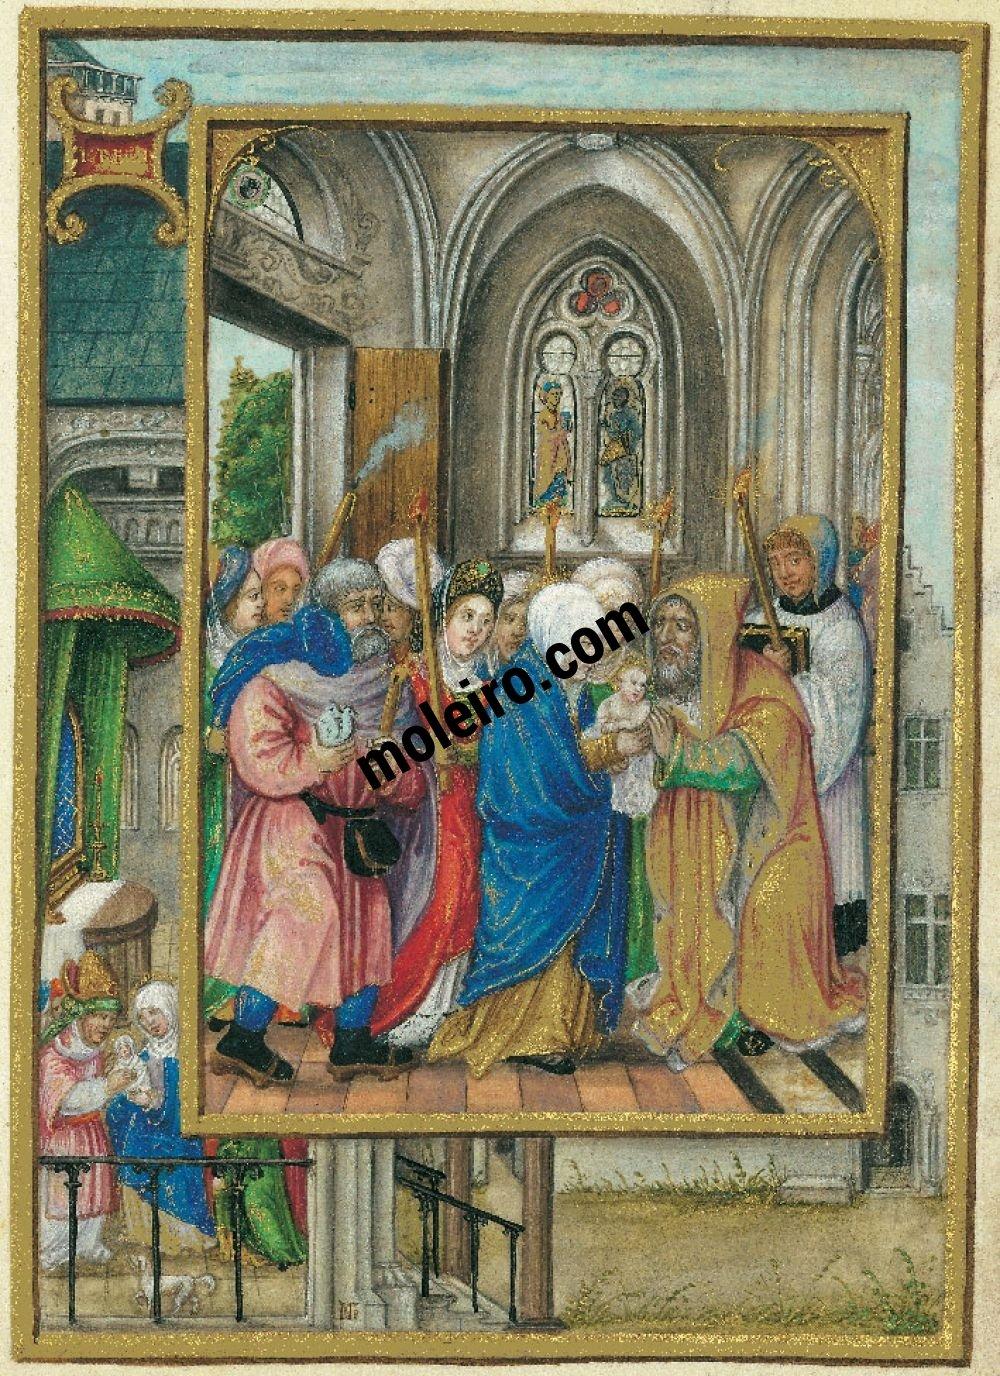 Libro de Oración de Alberto de Brandemburgo  f. 18r